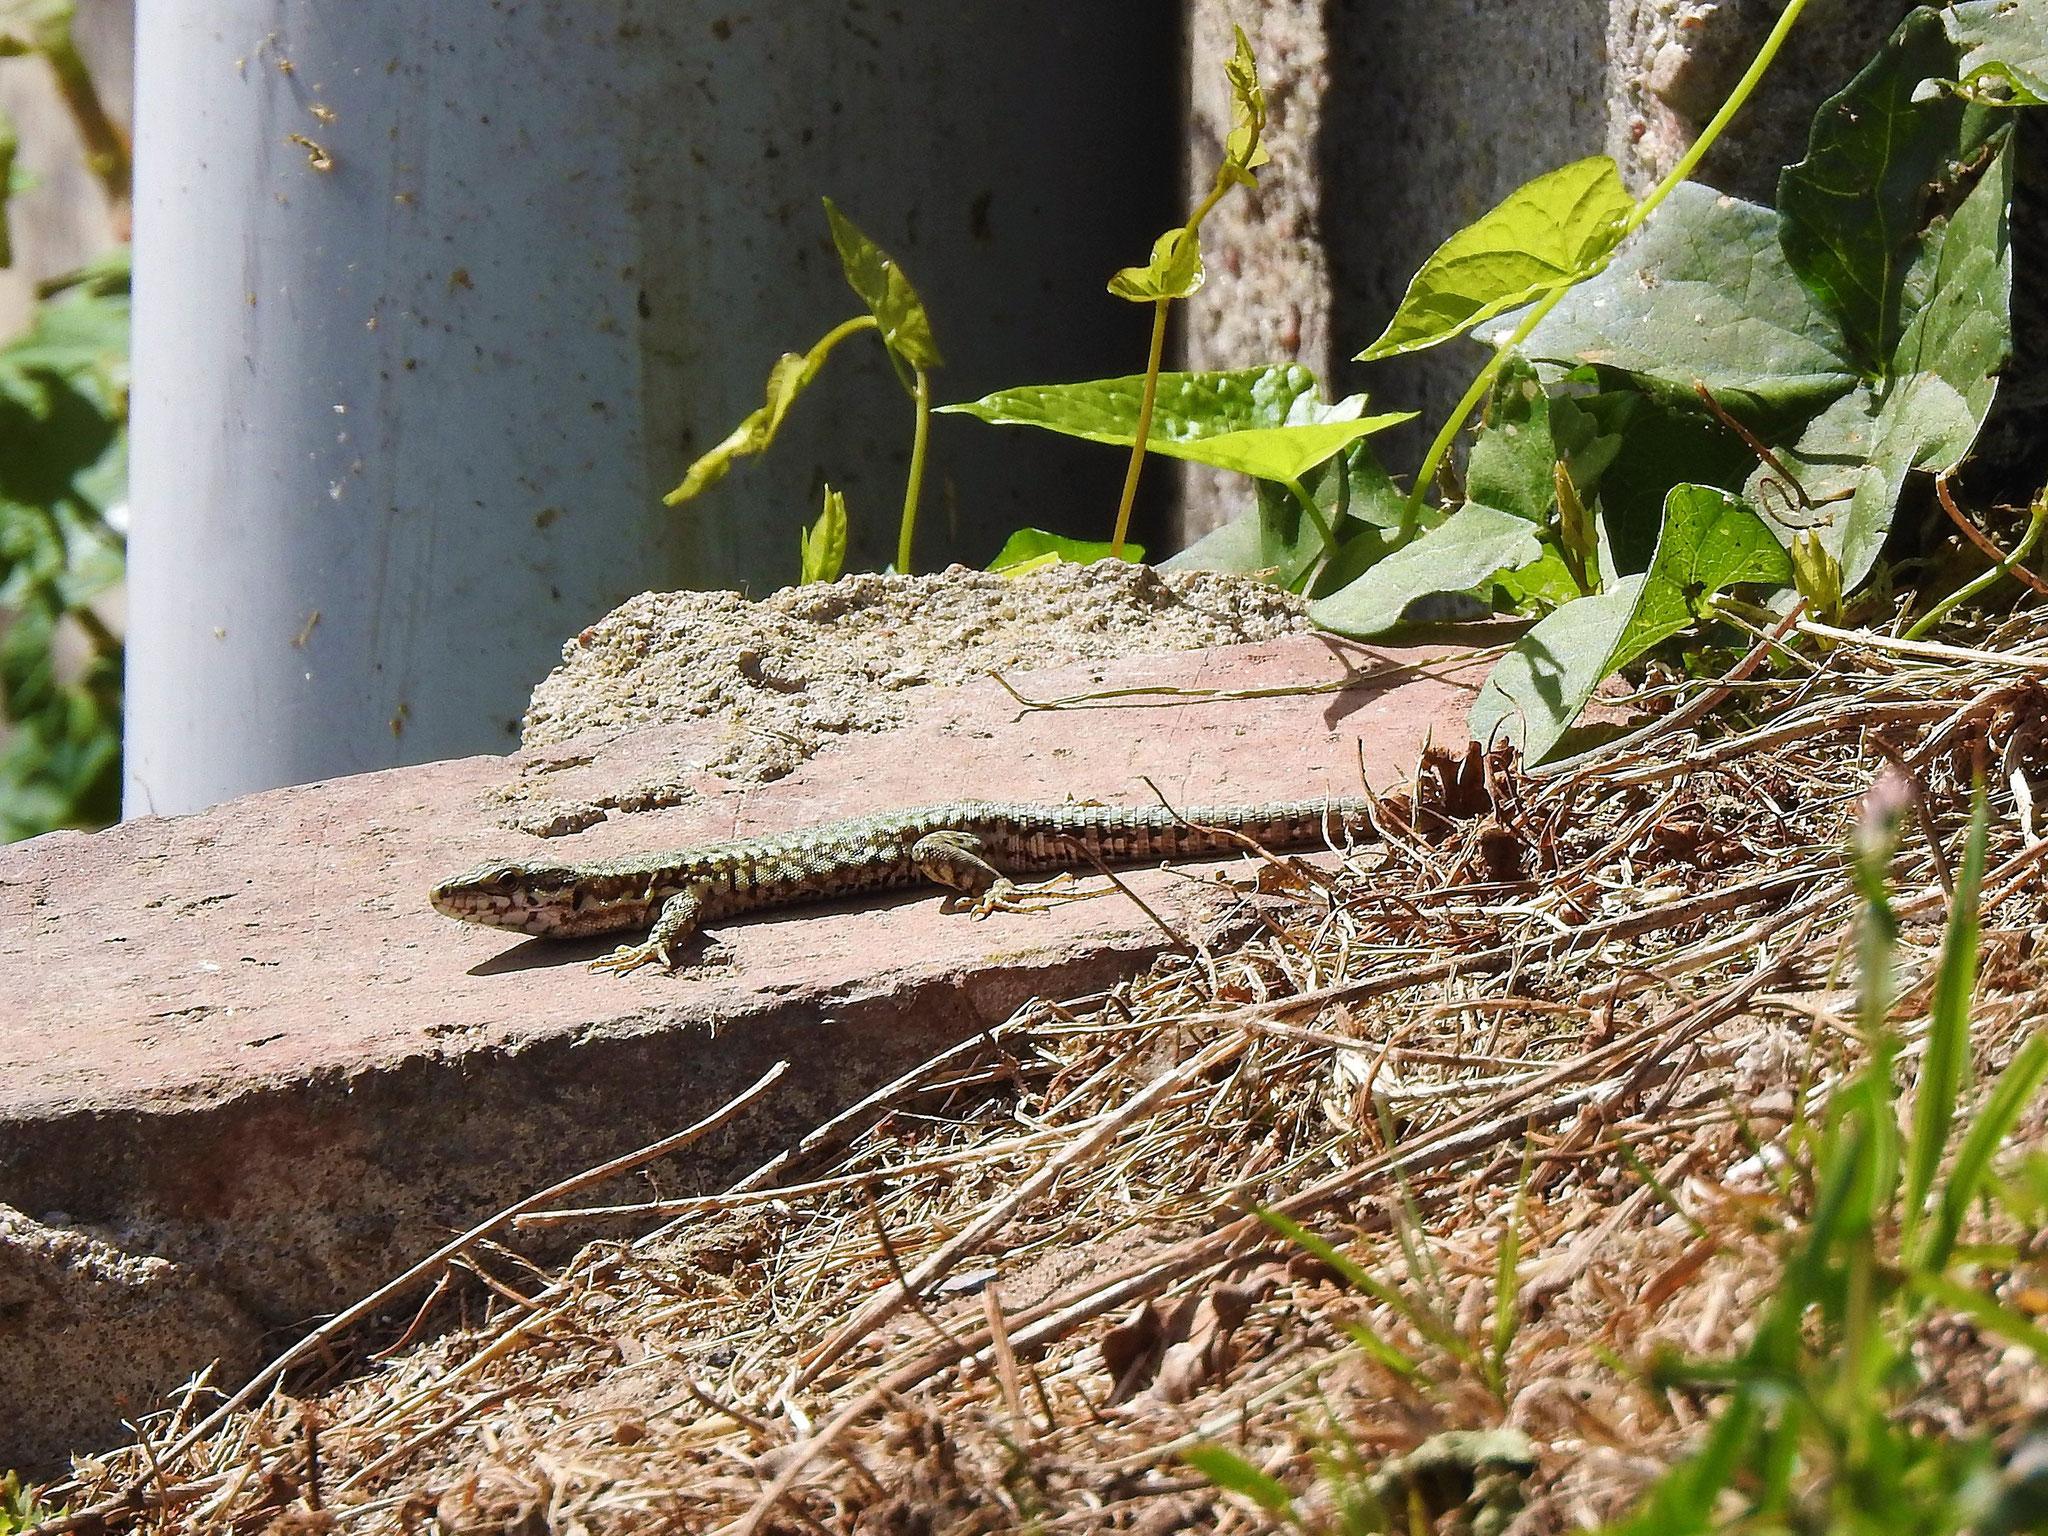 Mauereidechse, Männchen mit marmorierter Rückenfärbung. 7. Juli 2020, Winsen ©: D. Westphal